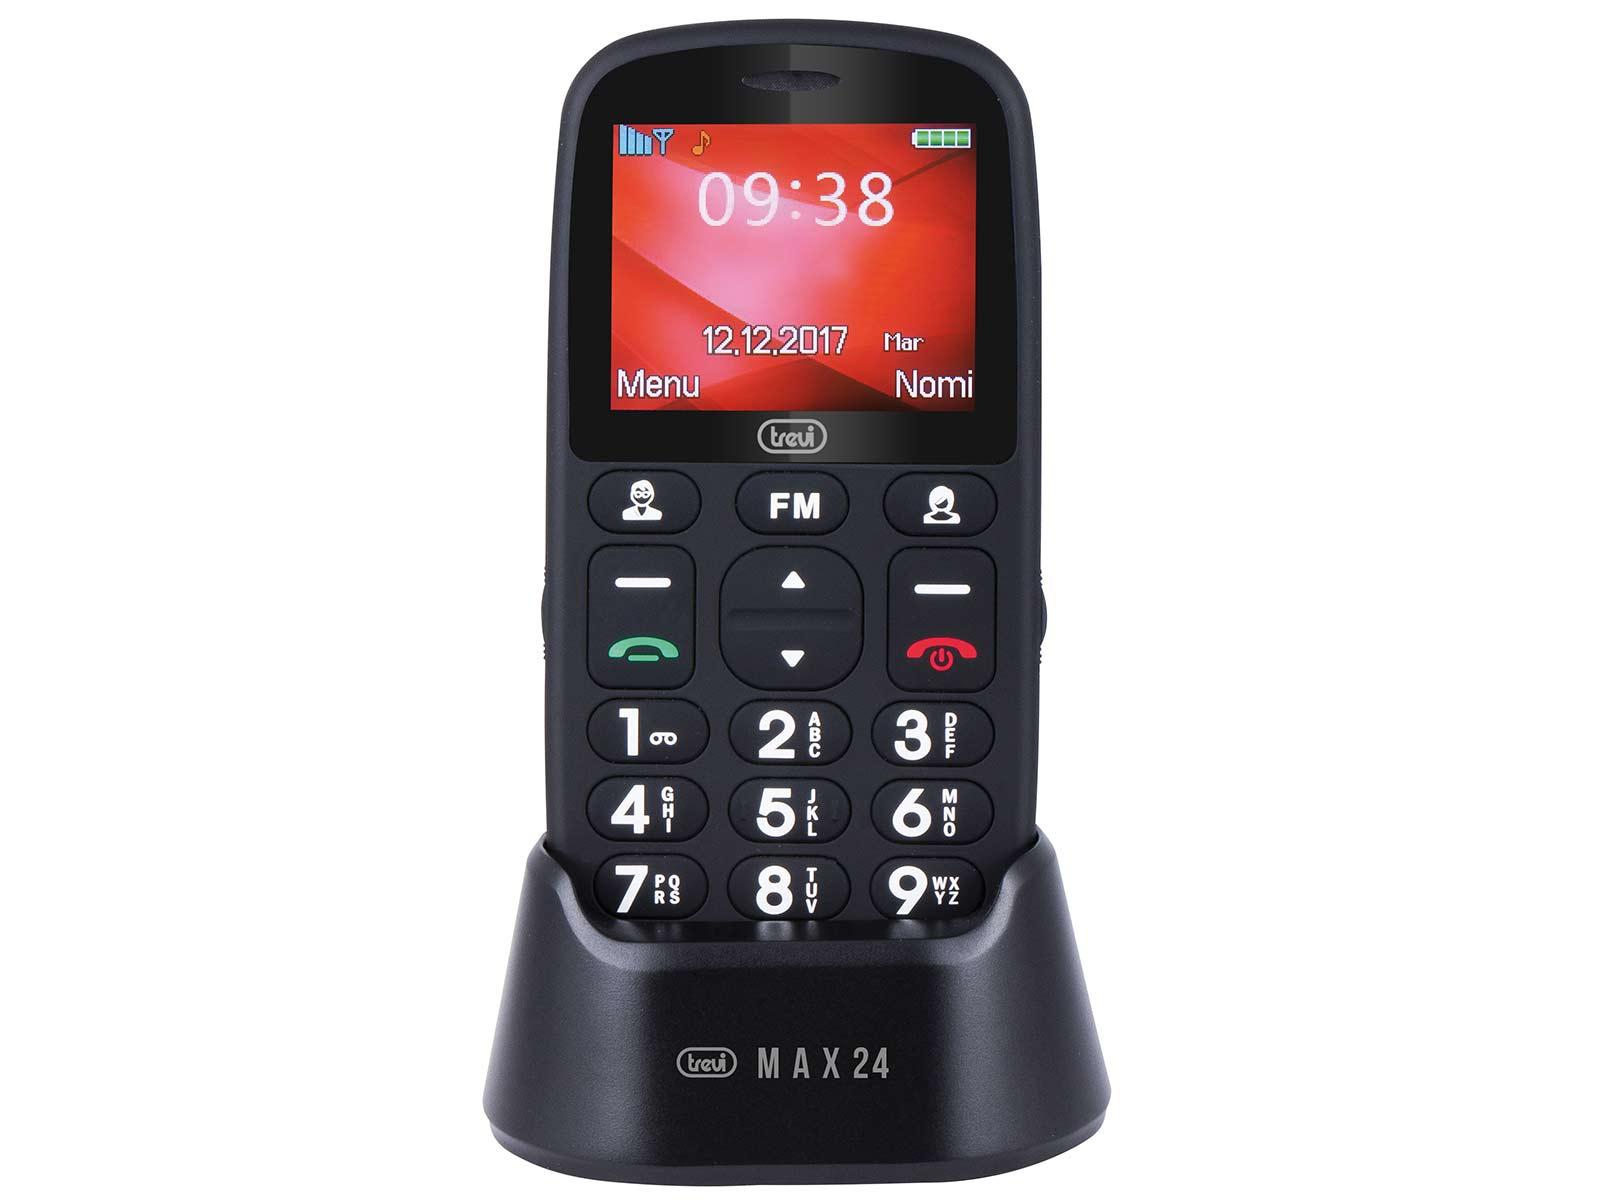 Cellulare per anziani tasti grandi Trevi Max 24